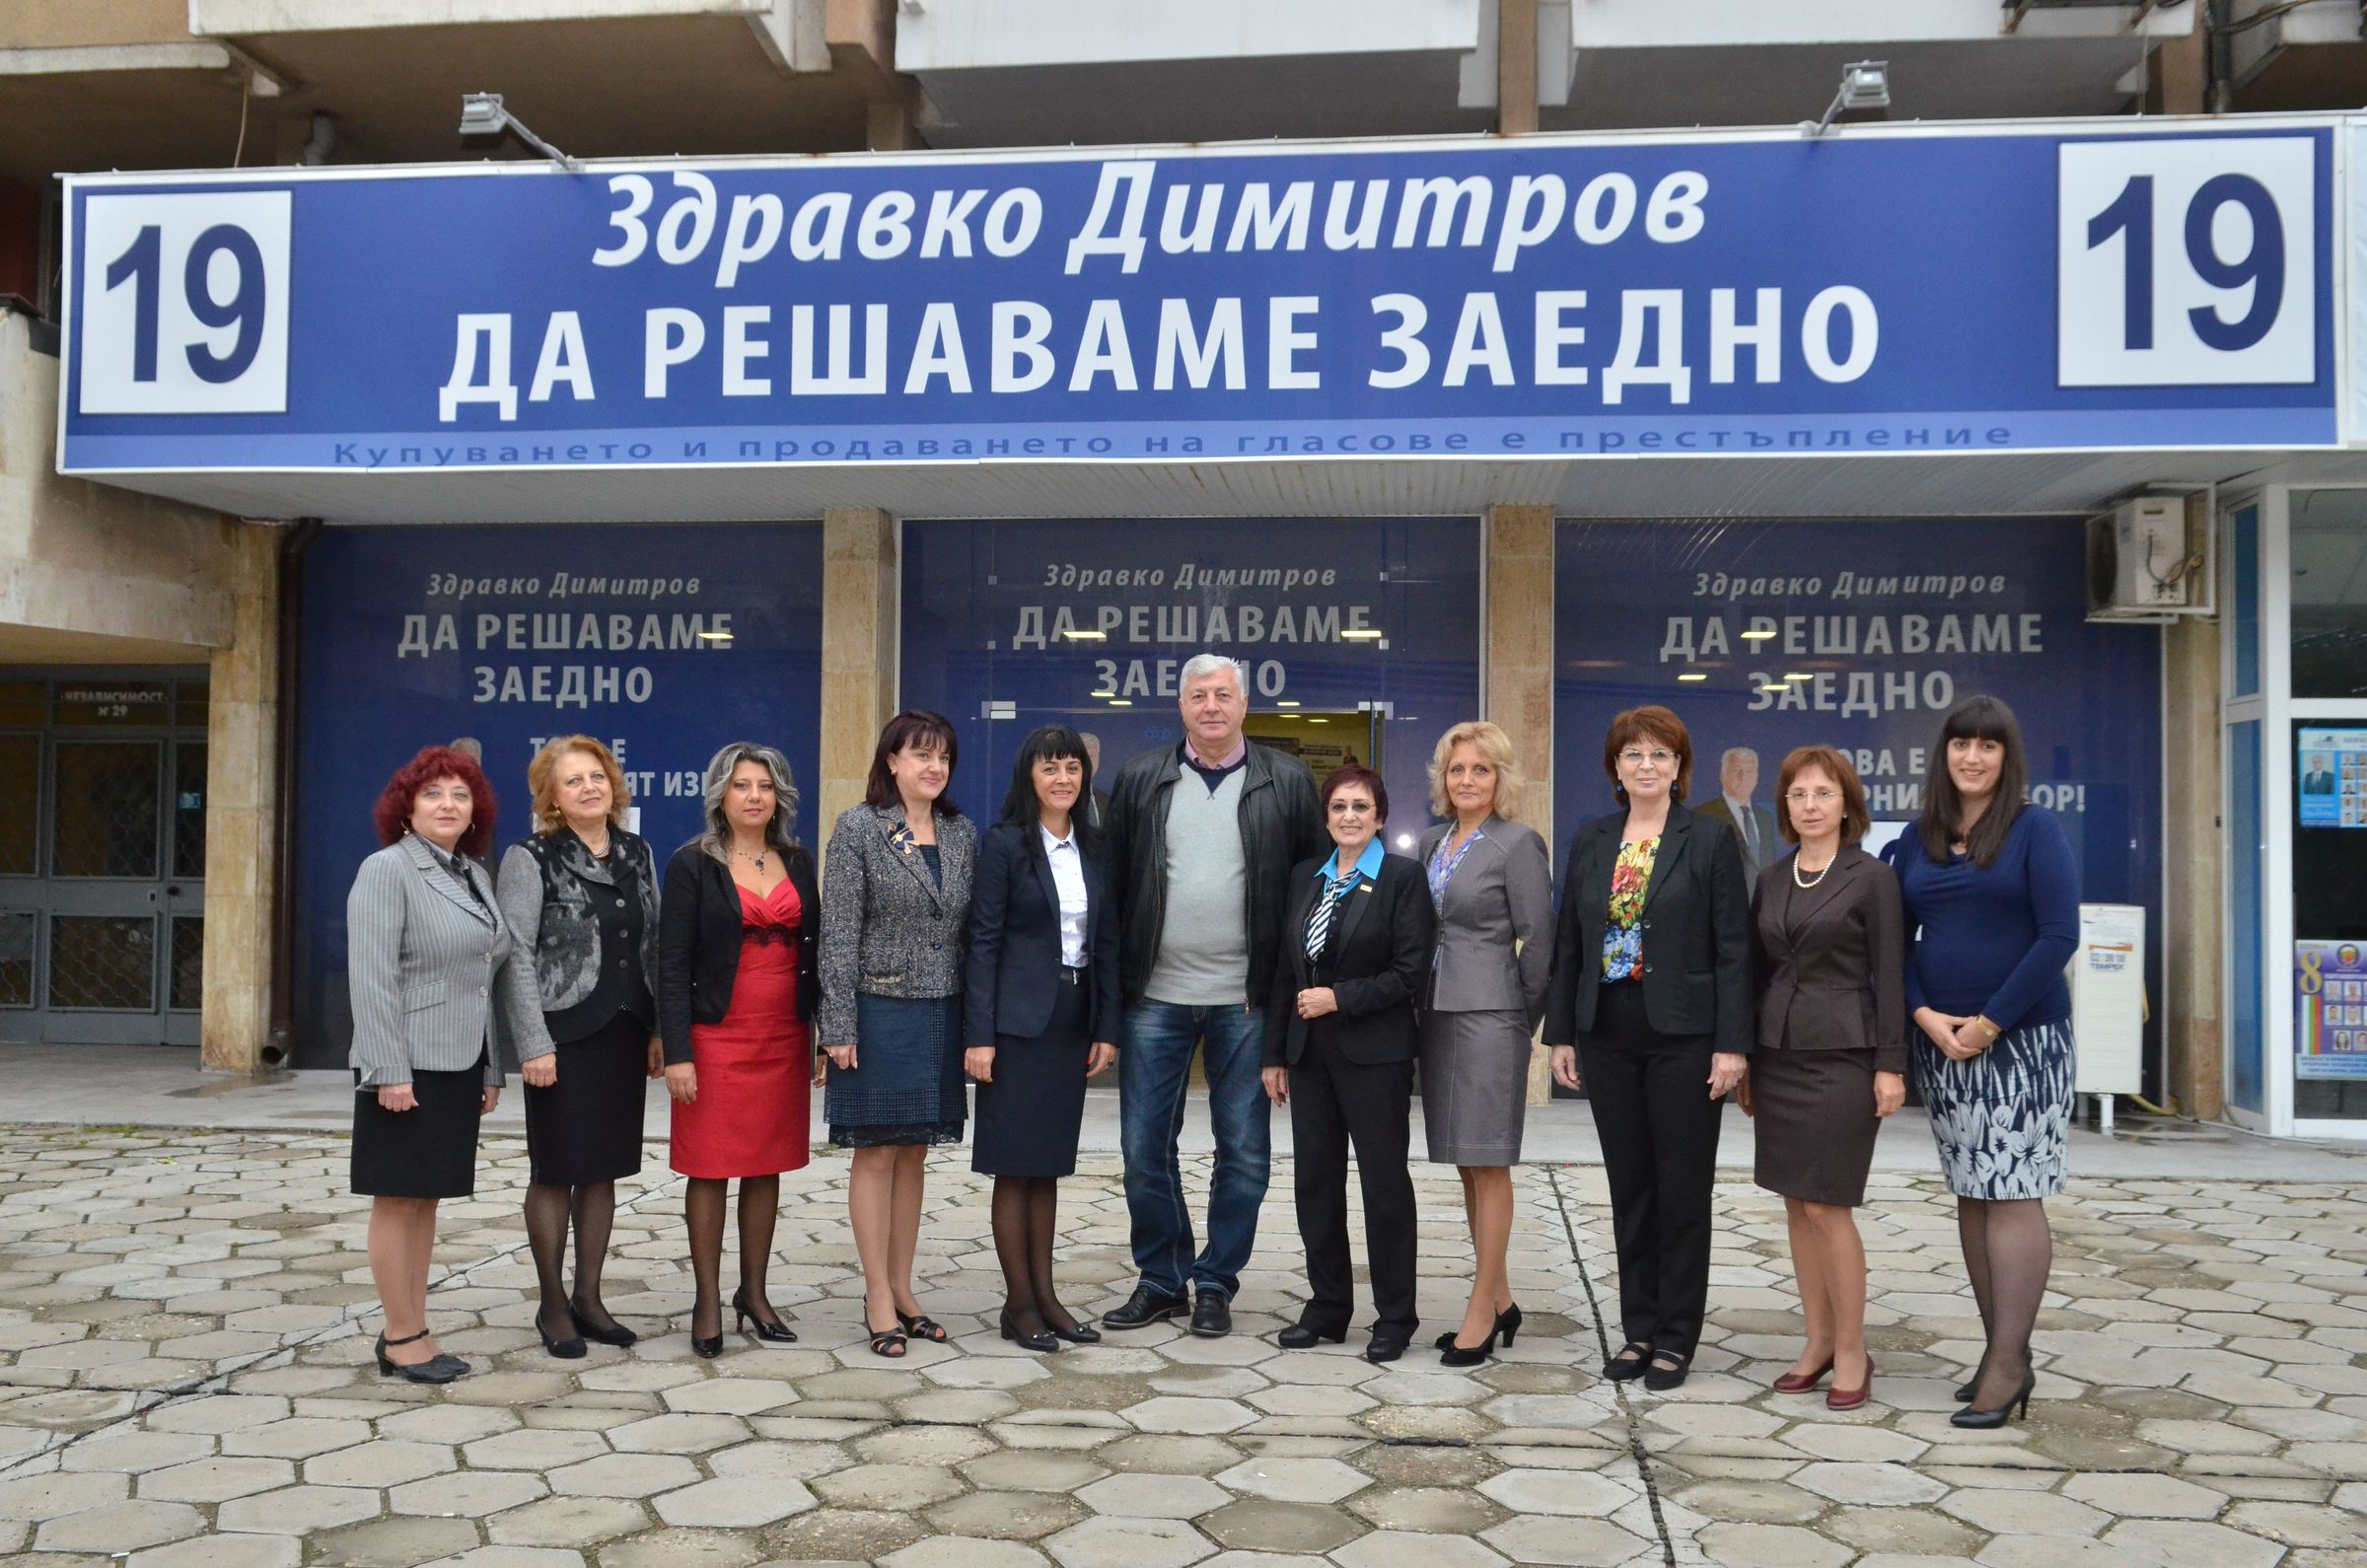 http://devedzhieva.com/wp-content/uploads/2015/10/dami_v_listata_1.jpg